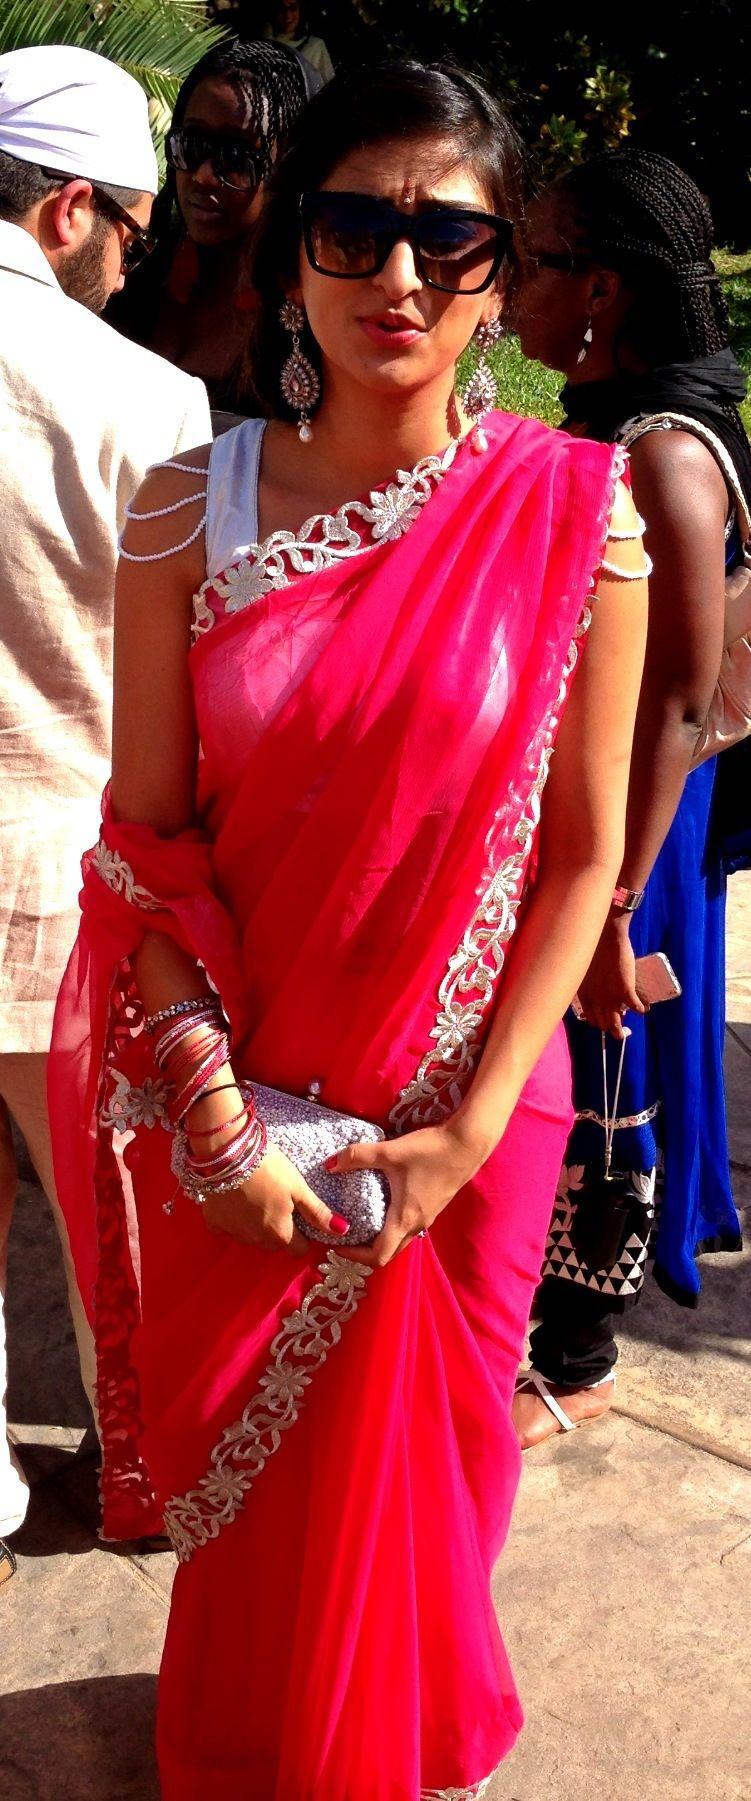 Indian Wedding Fashion indianwedding aliceincarnaval